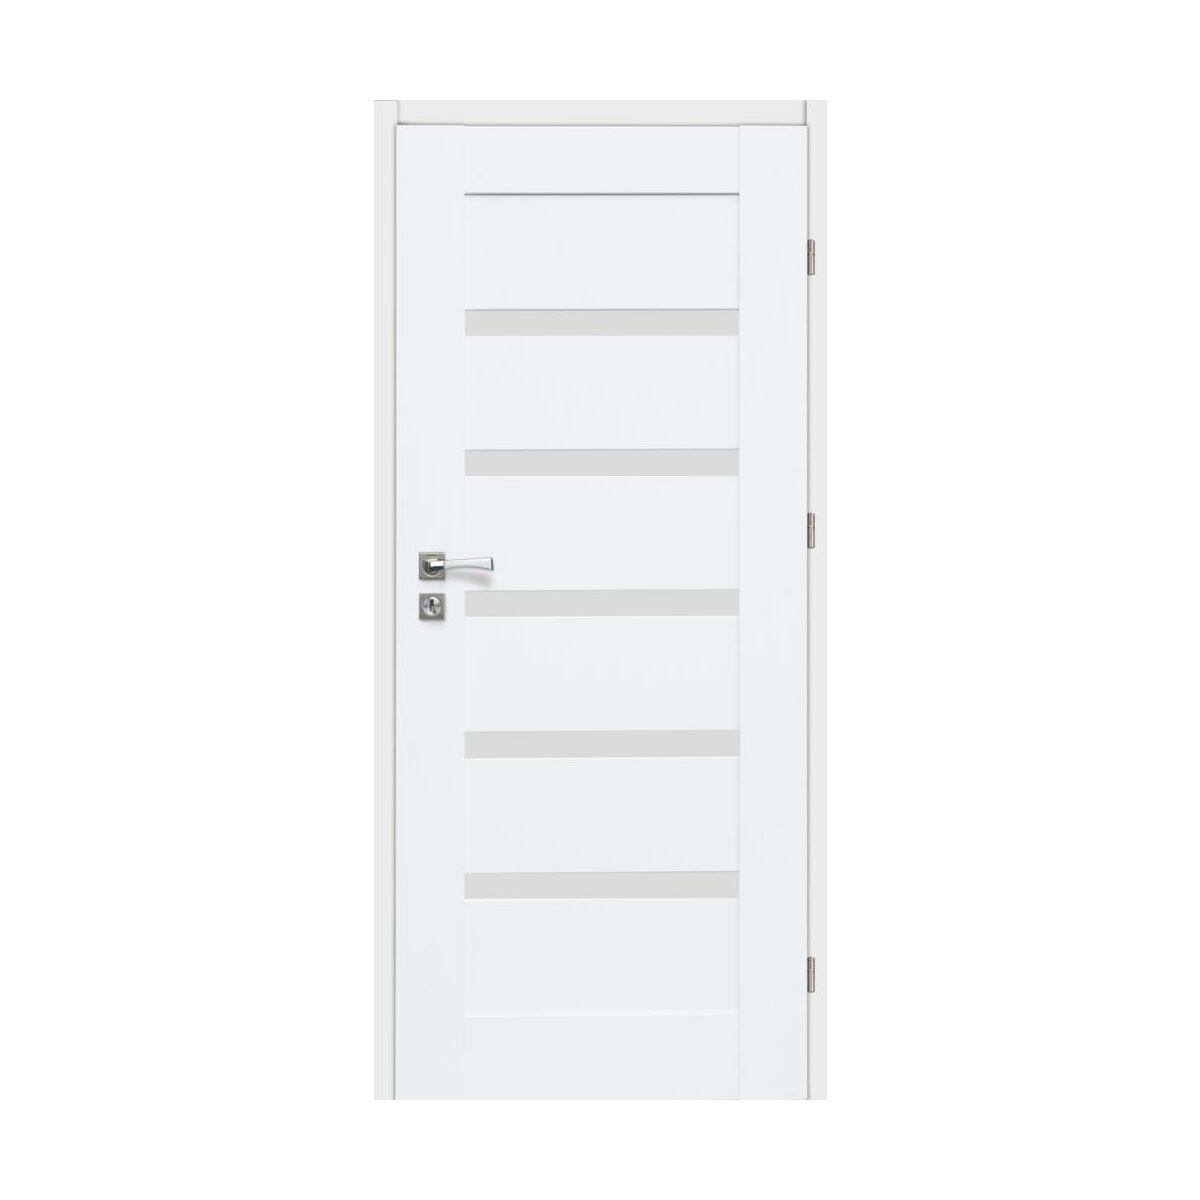 Bawic Krytycznie Definiowac Drzwi Lazienkowe 70 Z Oscieznica Biale Goen Pl